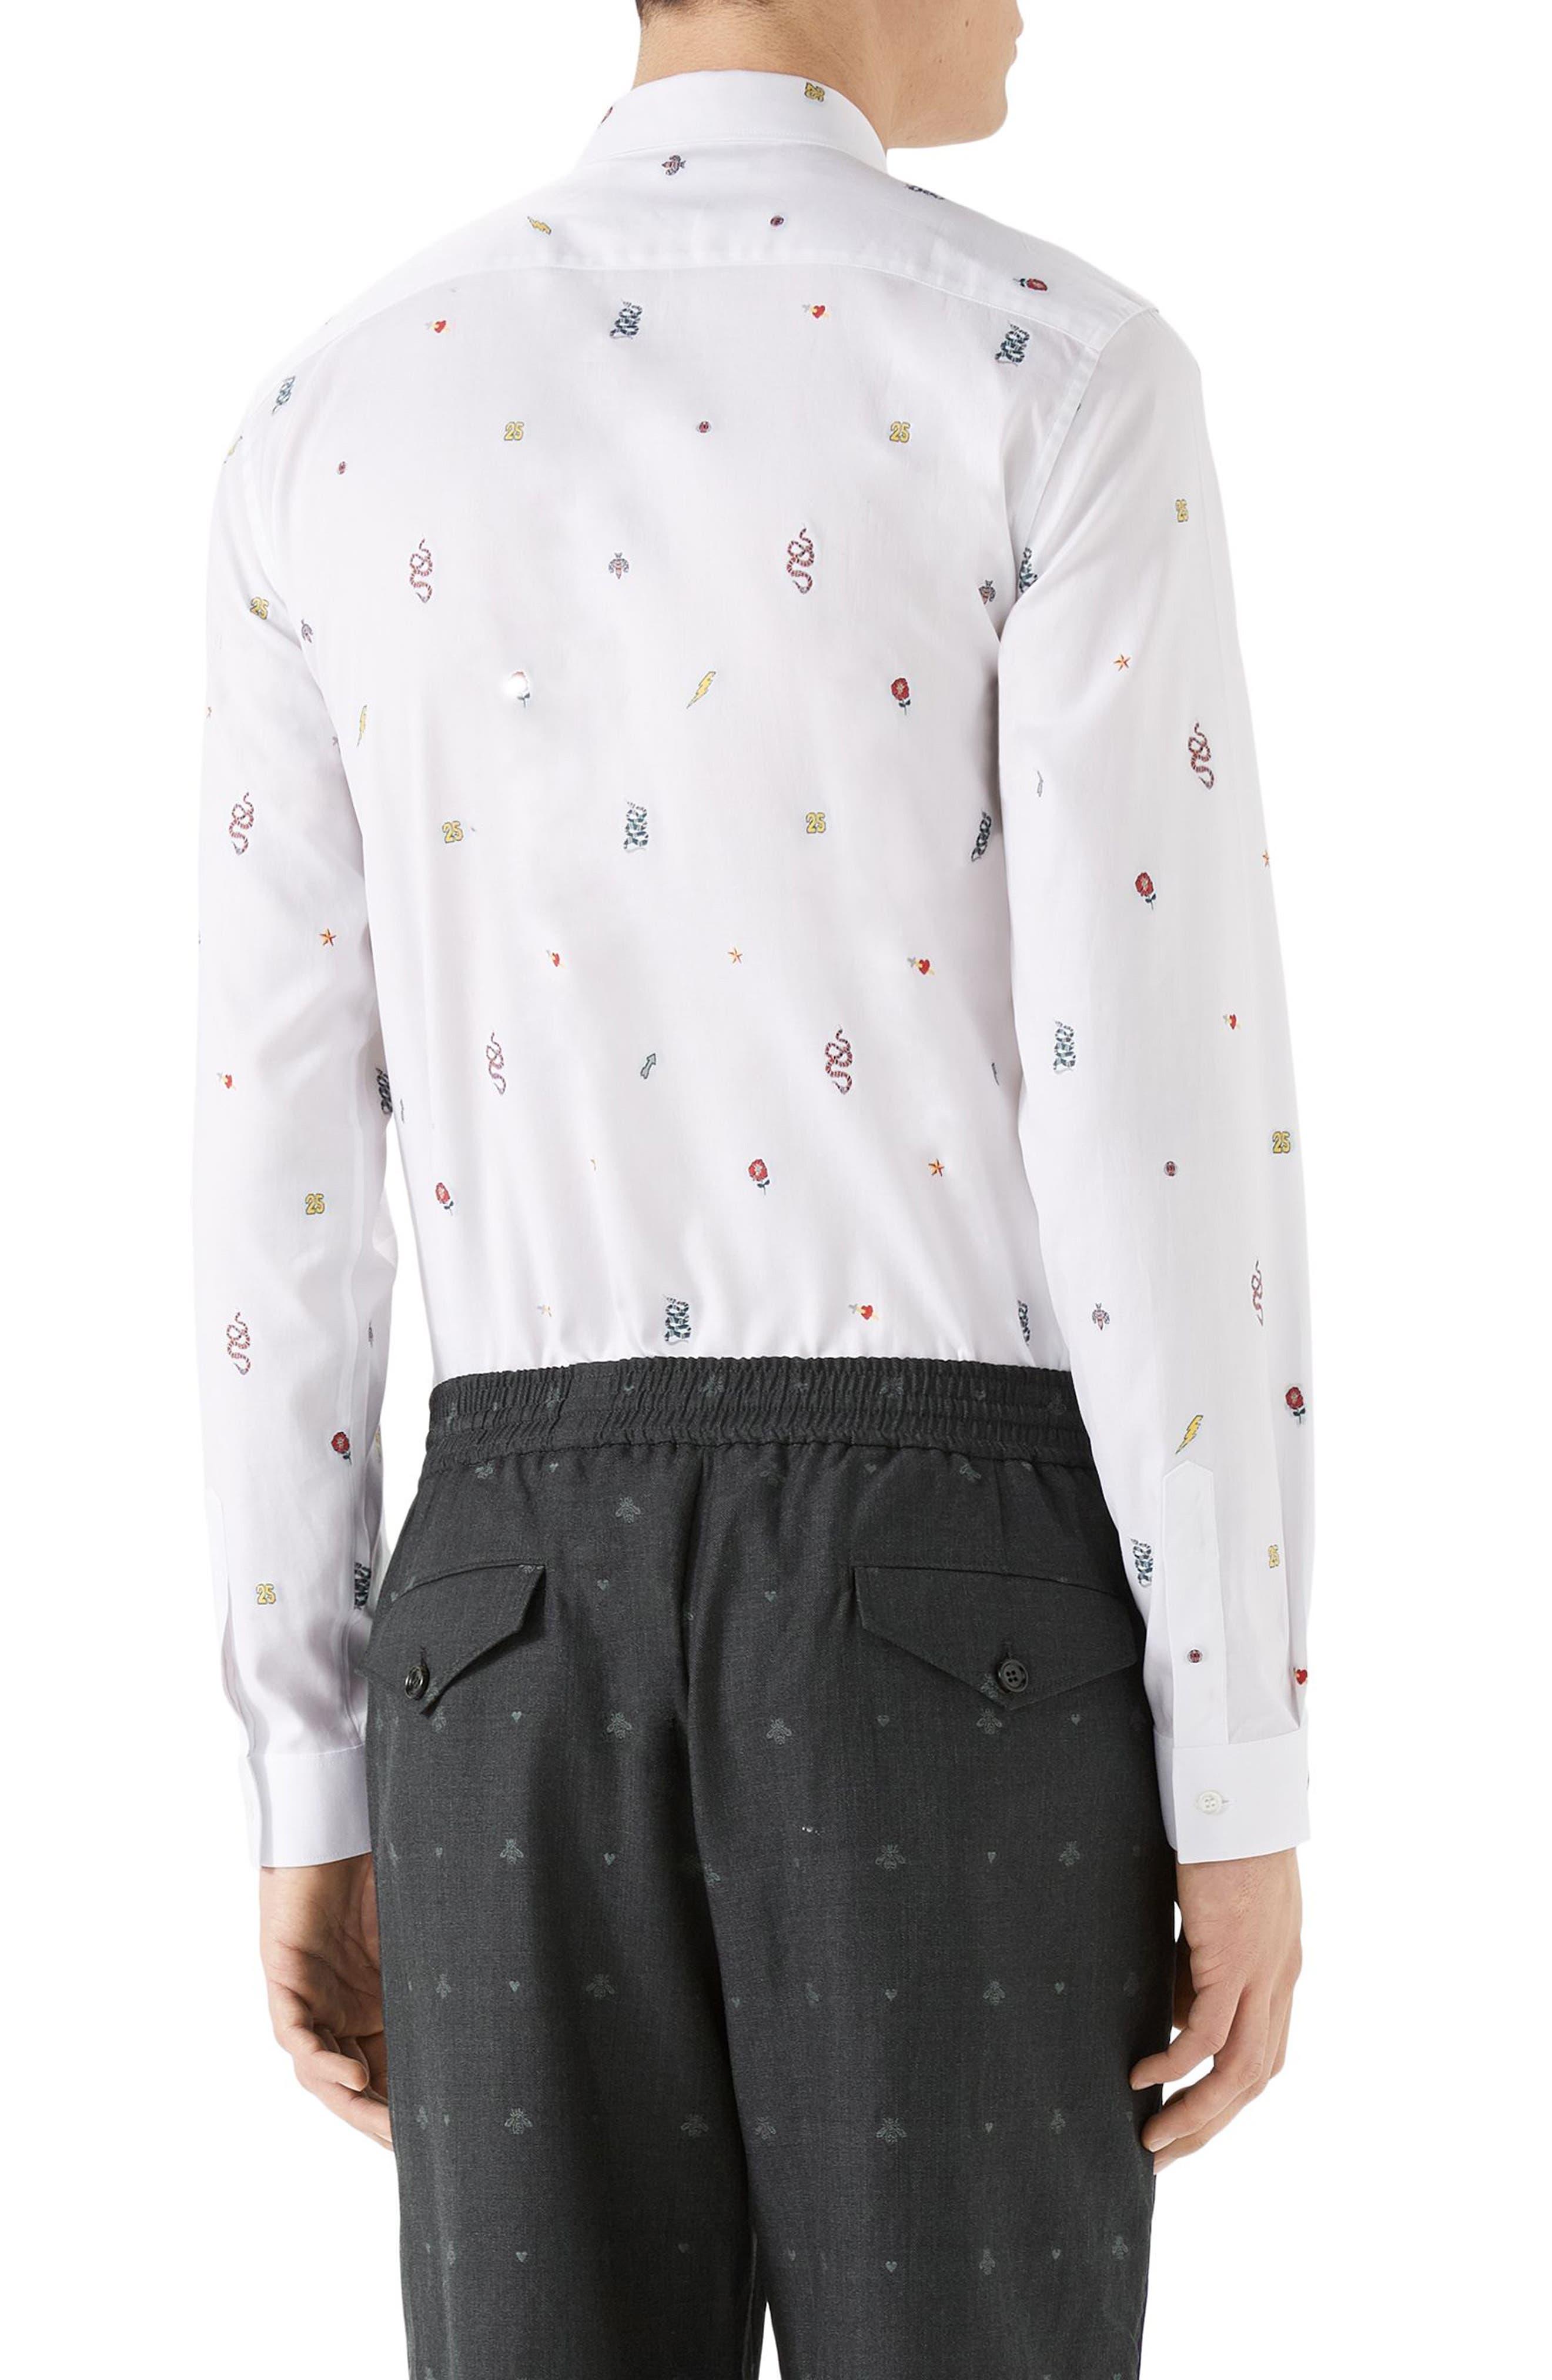 Iconic Elements Fil Coupé Sport Shirt,                             Alternate thumbnail 2, color,                             White